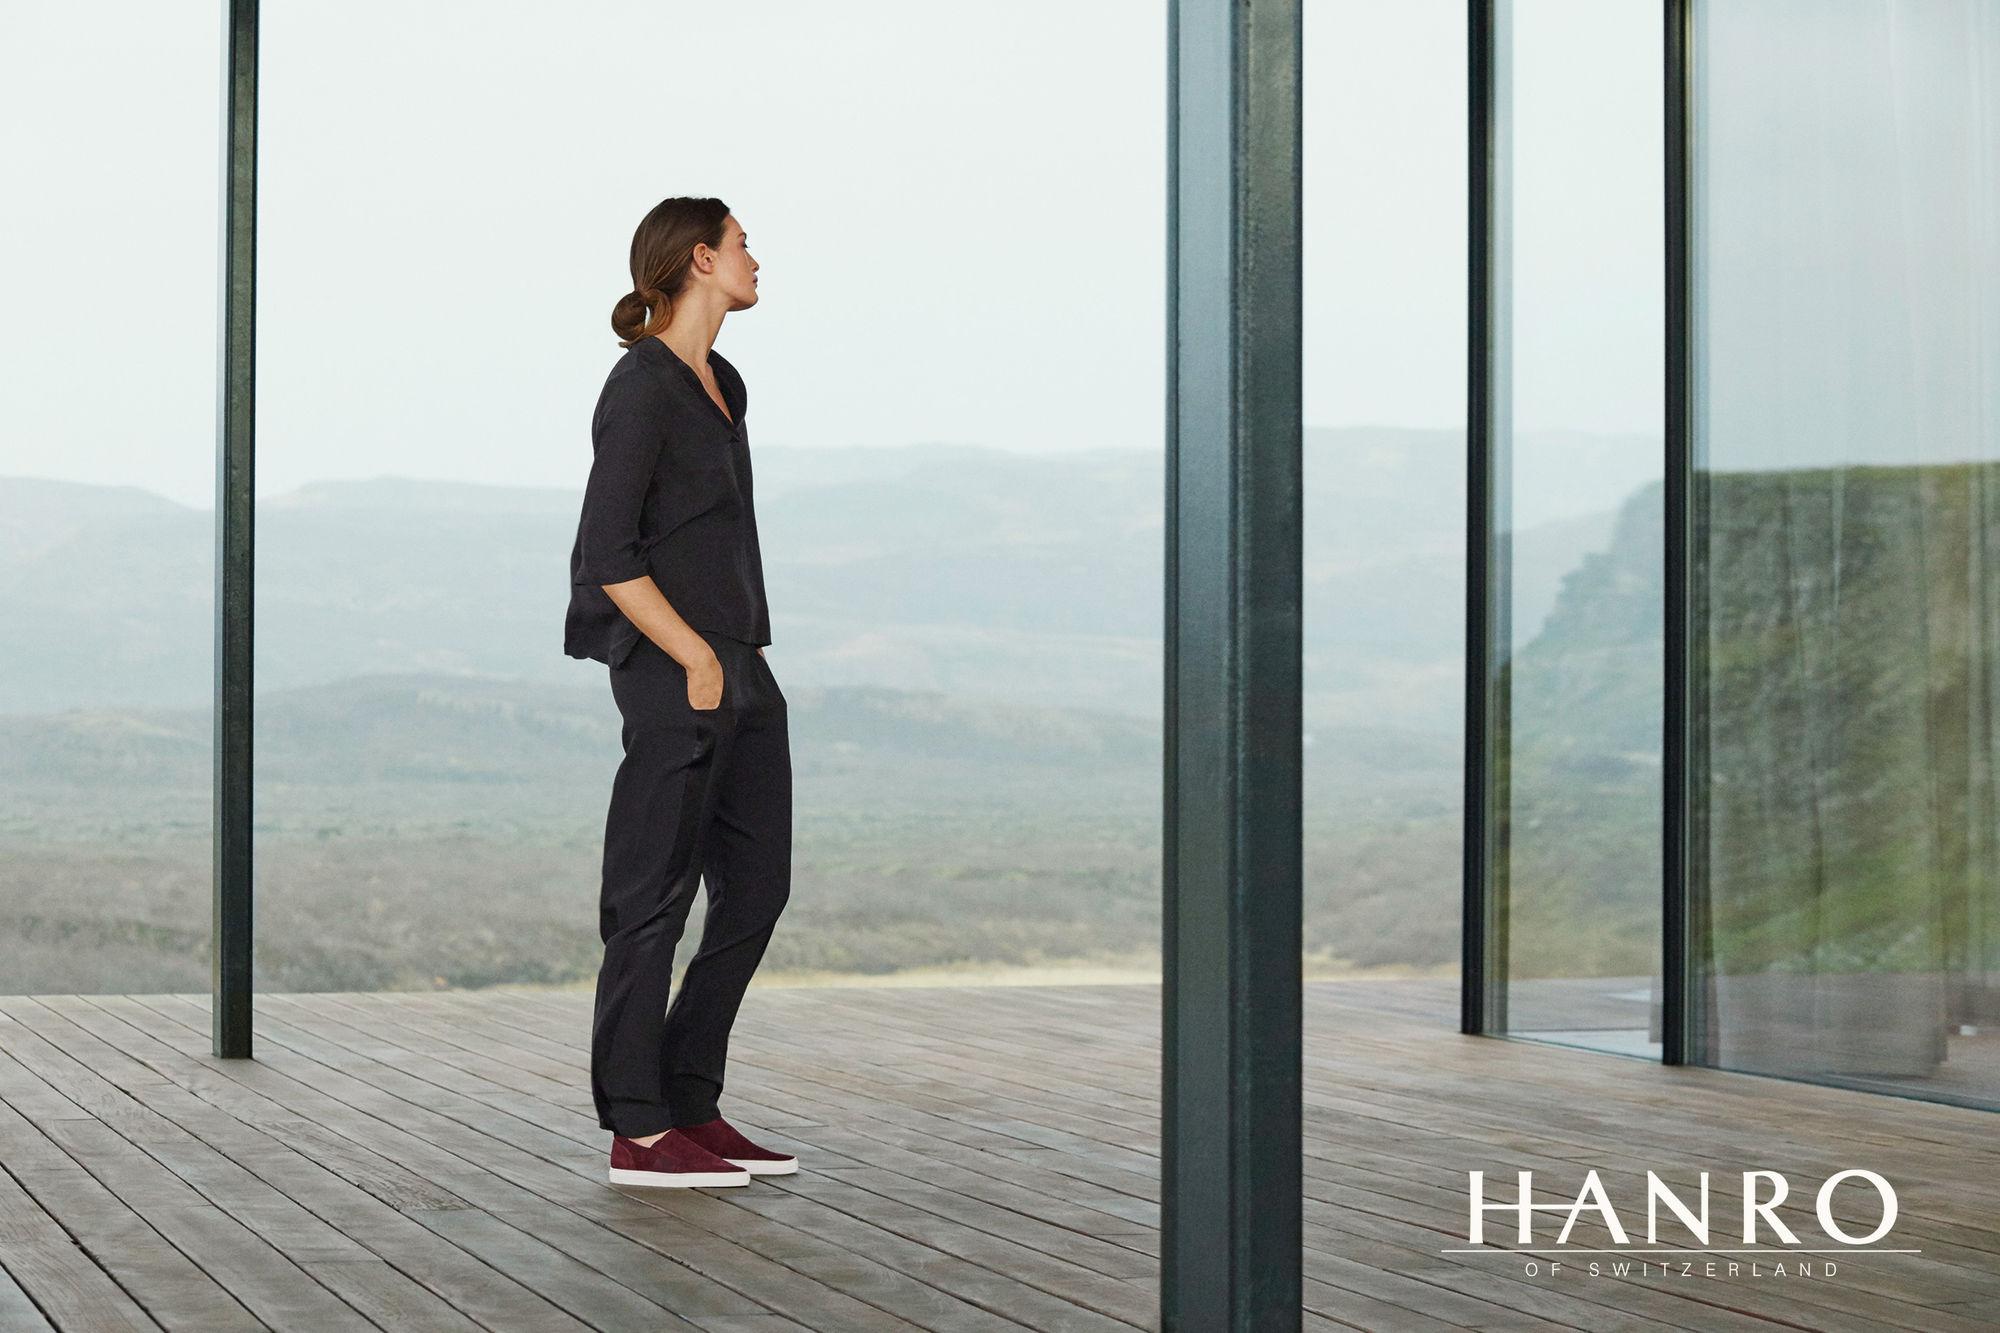 hanro1718_speedballproductions_00003.jpg